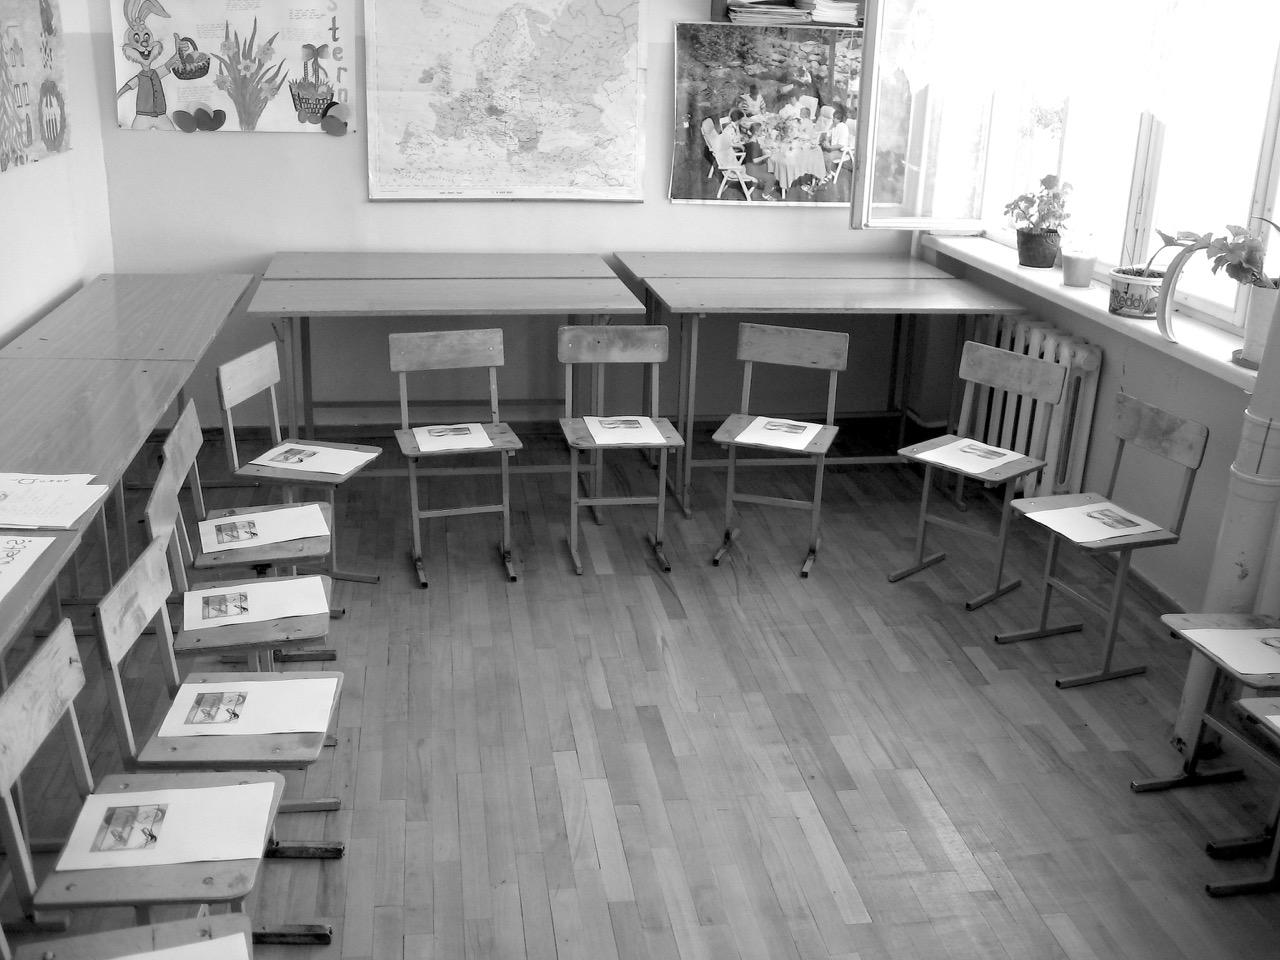 Foto: Klassenraum. Aus: Eriwan. Kapitel 4. Aufzeichnungen aus Armenien von Marc Degens.